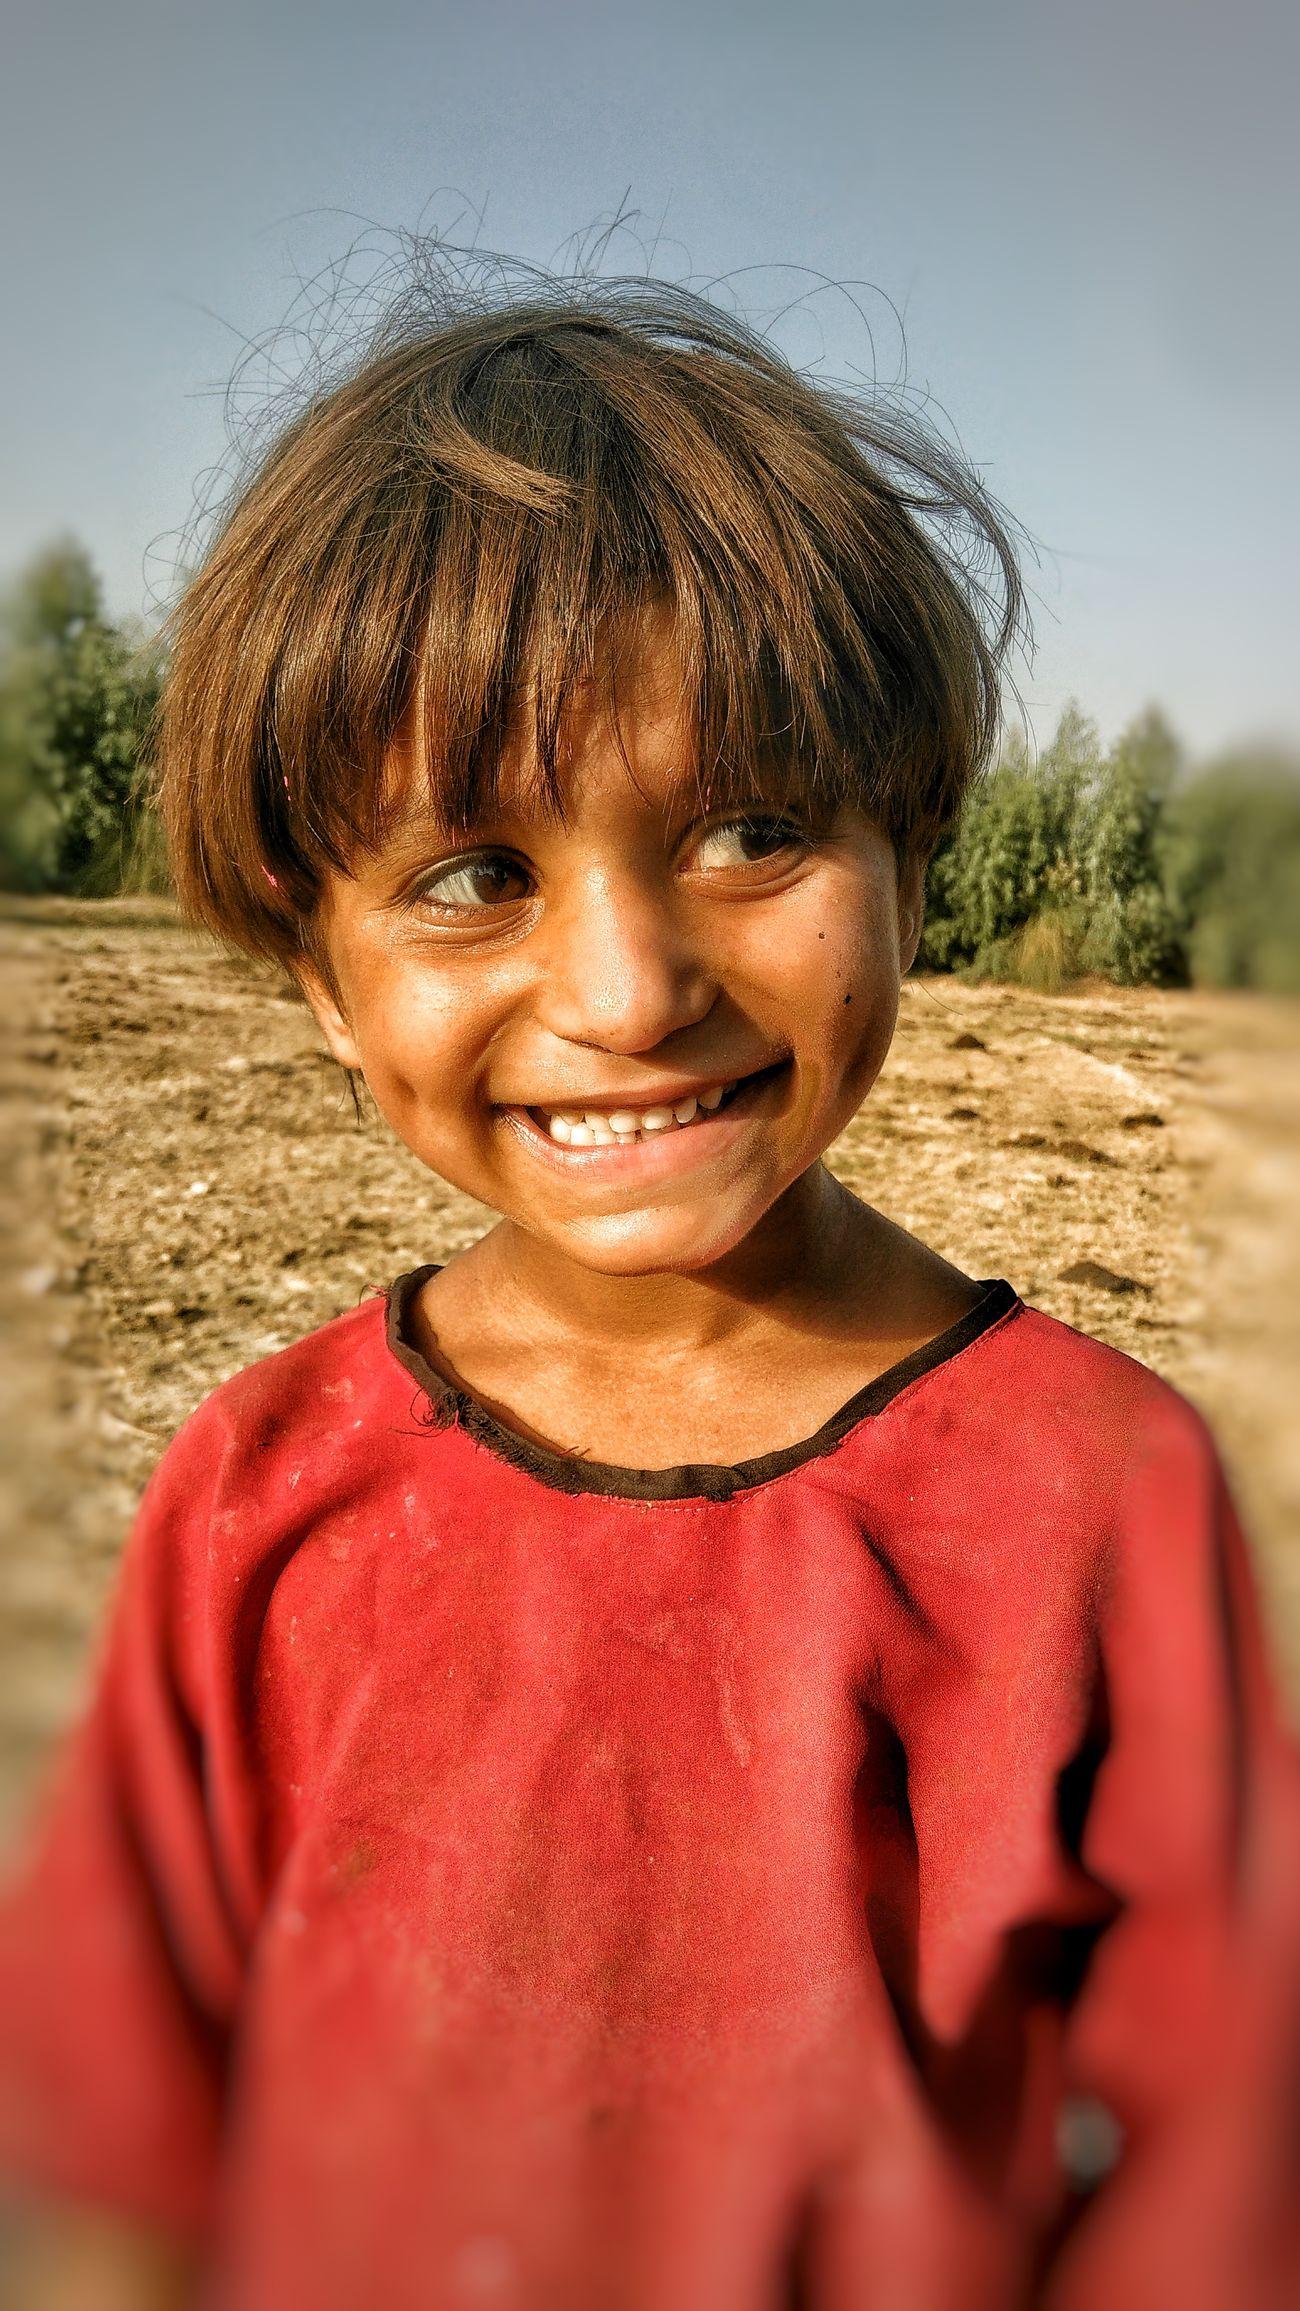 People Of EyeEm Innocent Eyes Children Joyfull Innocent Face Children Photography Smilling